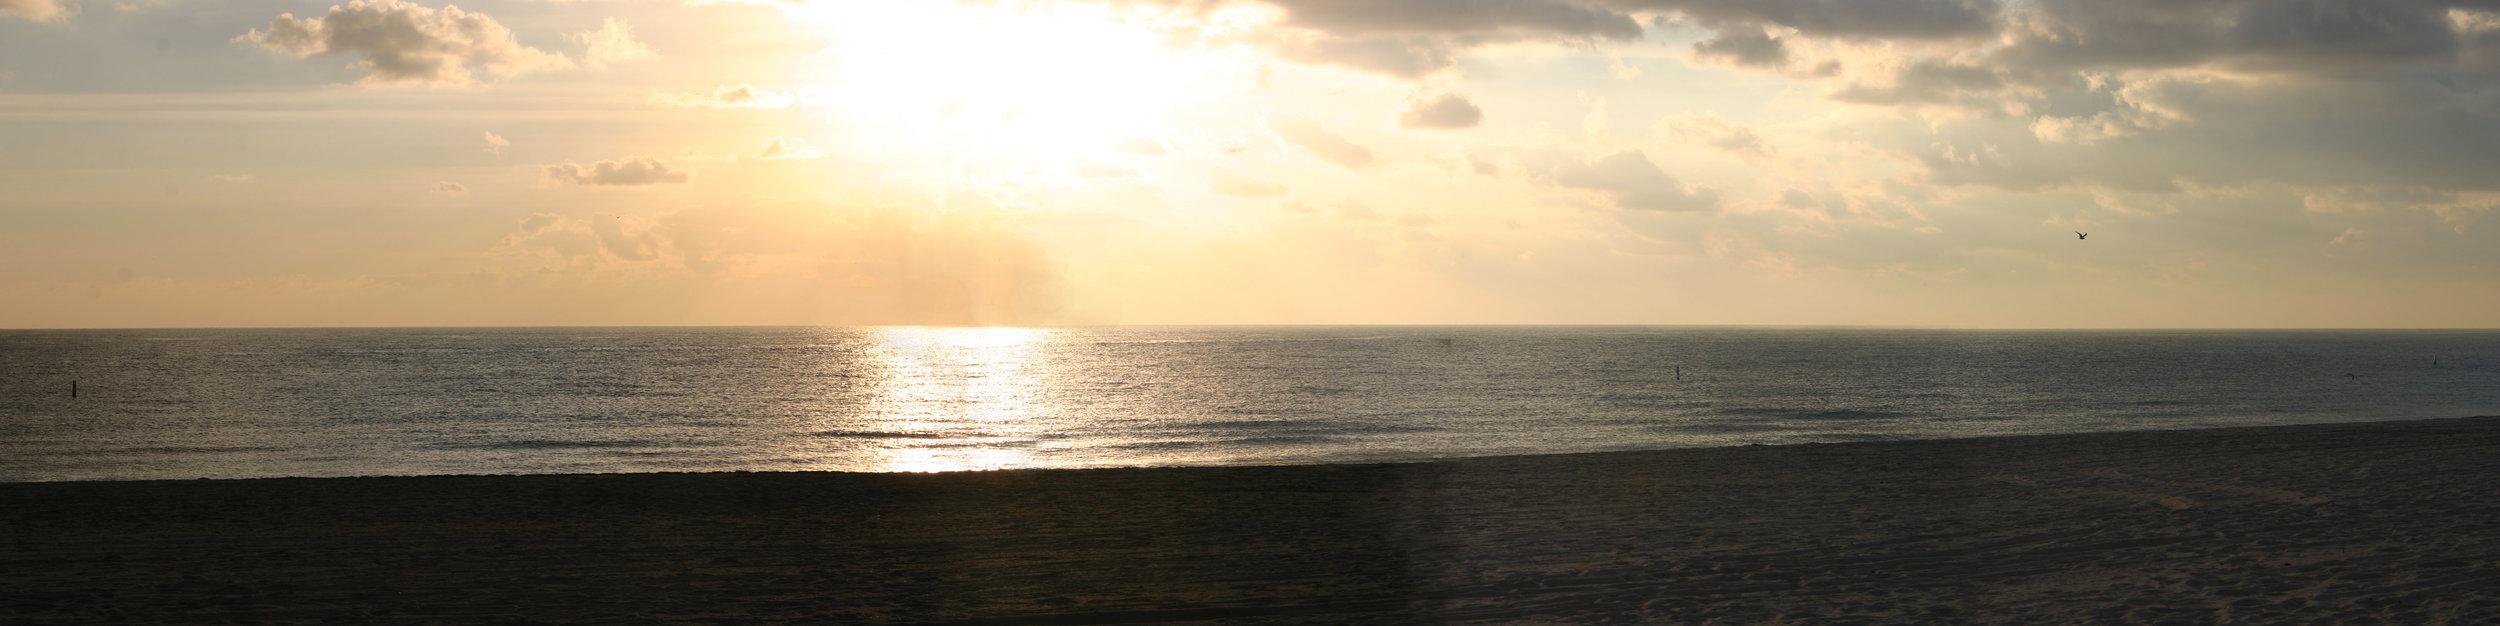 Pompano_Beach_12-2-04__1_.jpg